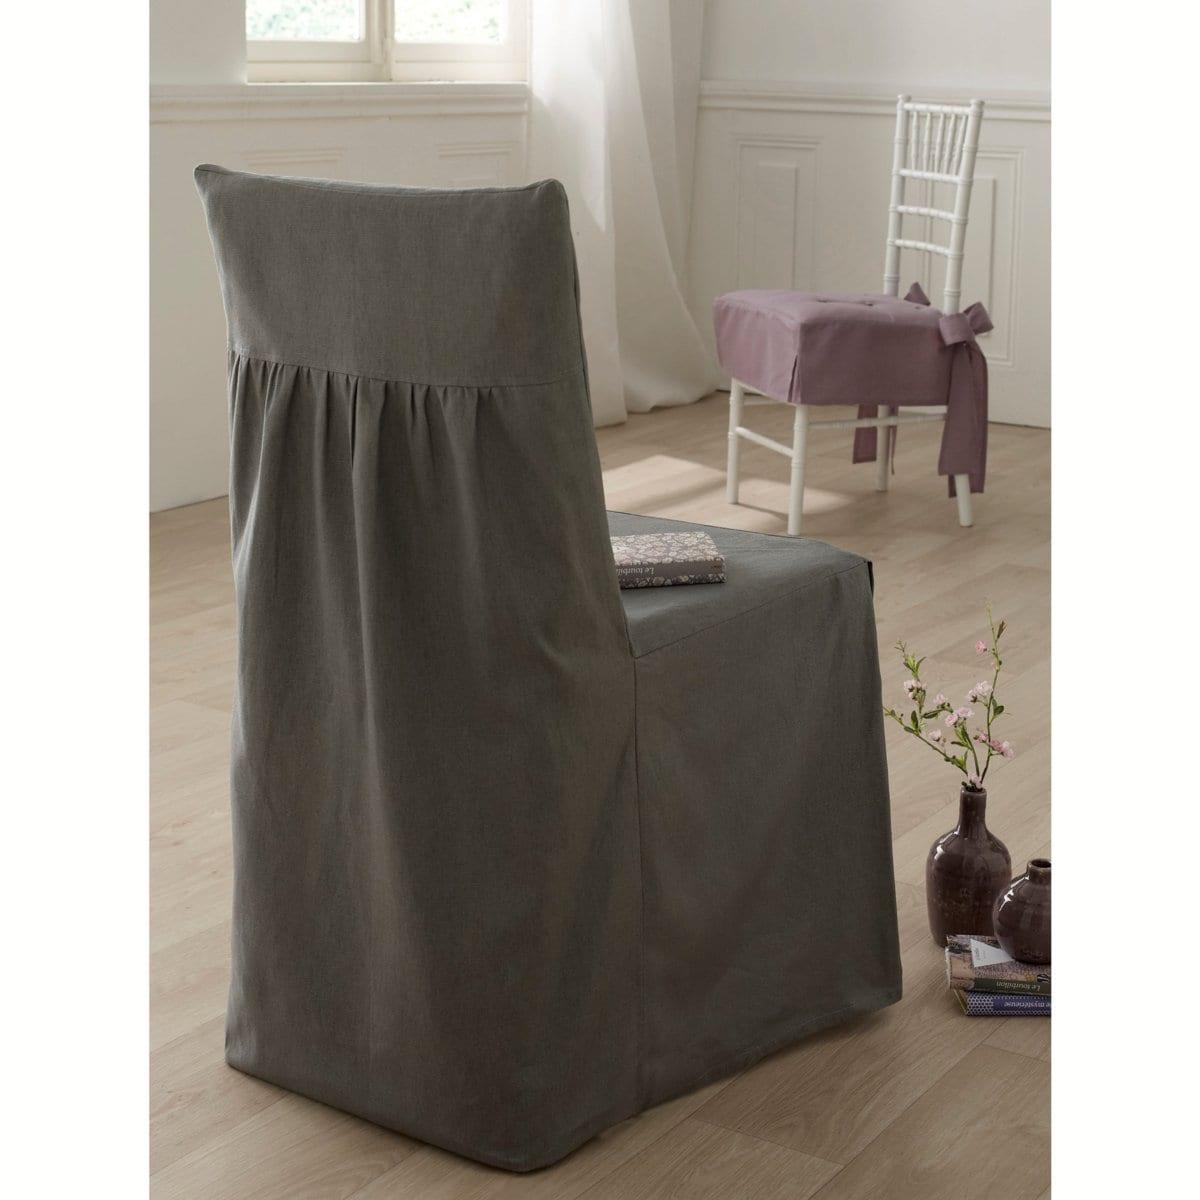 Emejing comprar fundas para sillas de comedor photos for Fundas de sillas ikea